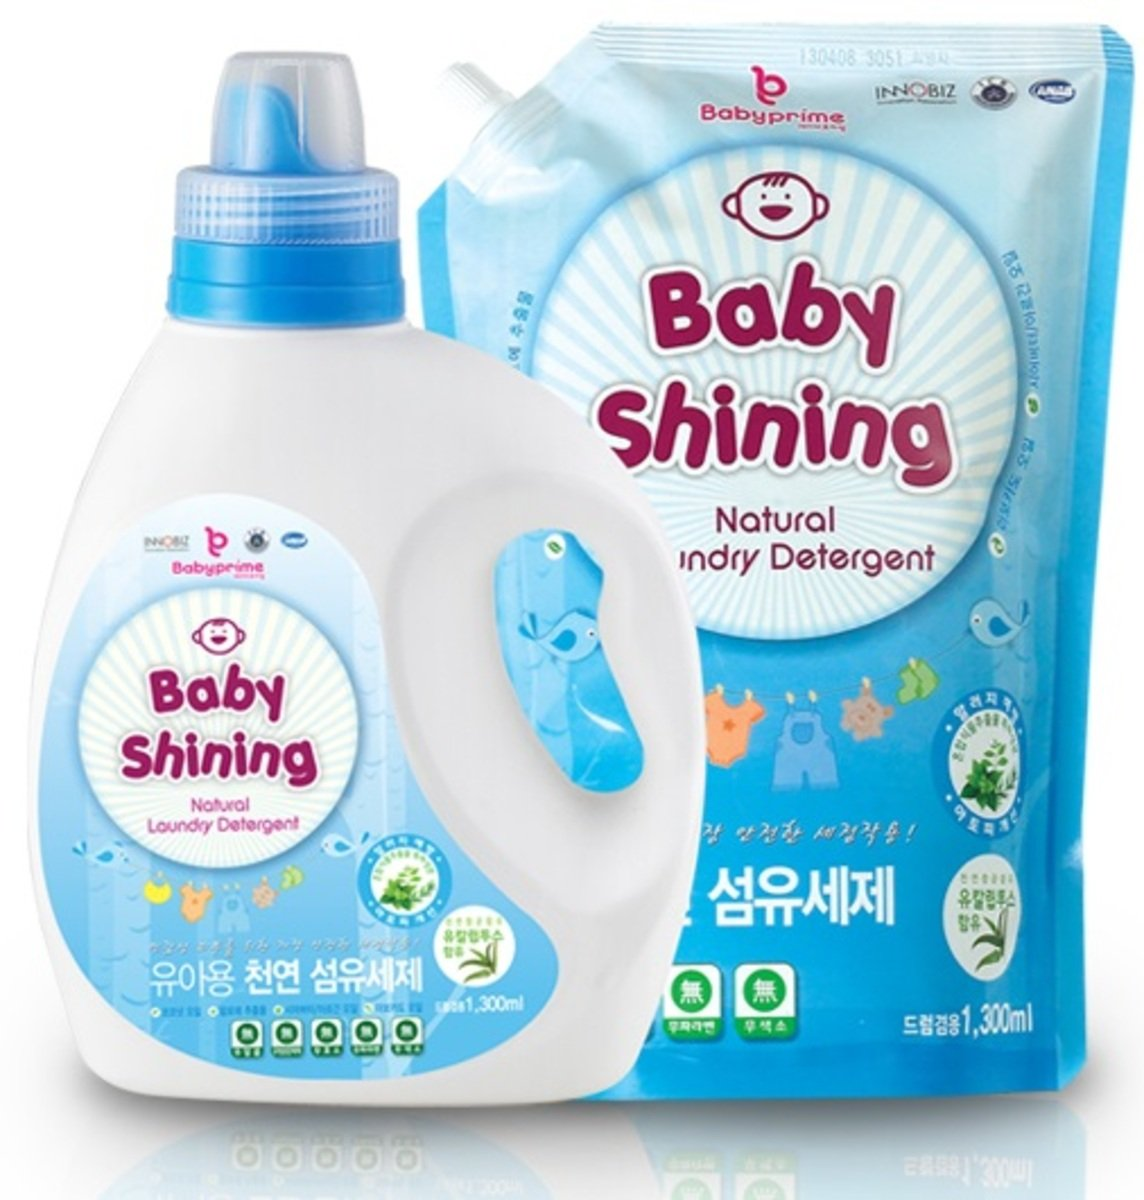 嬰兒天然洗衣液連補充裝